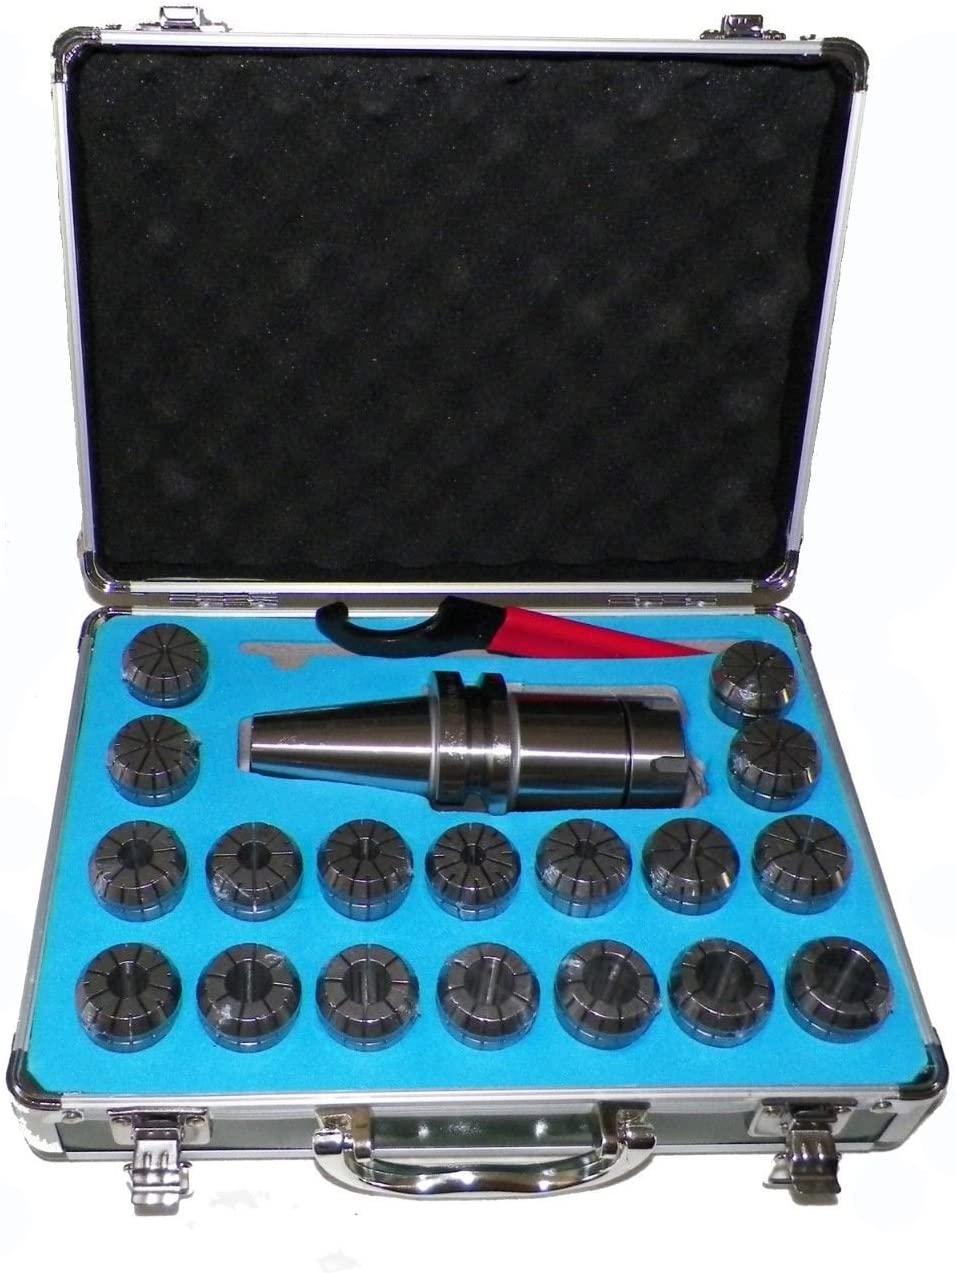 BT40 ER32 Milling Collet Chuck Set 18 Pcs Proj. 3.94